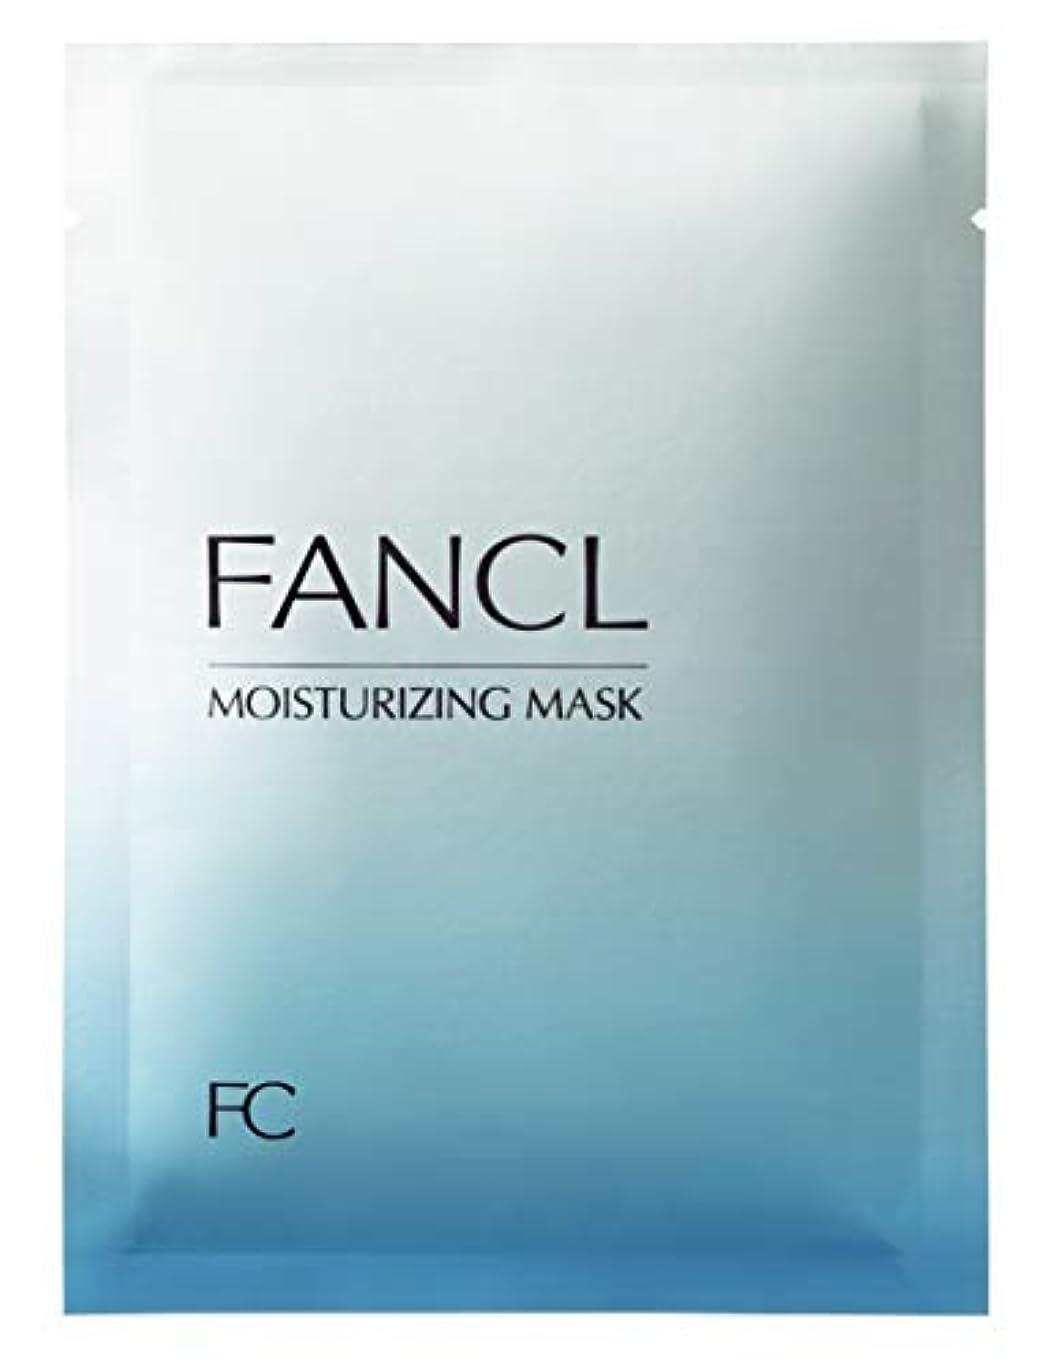 発明するカスケード業界ファンケル (FANCL) モイスチャライジング マスク 6枚セット (18mL×6)